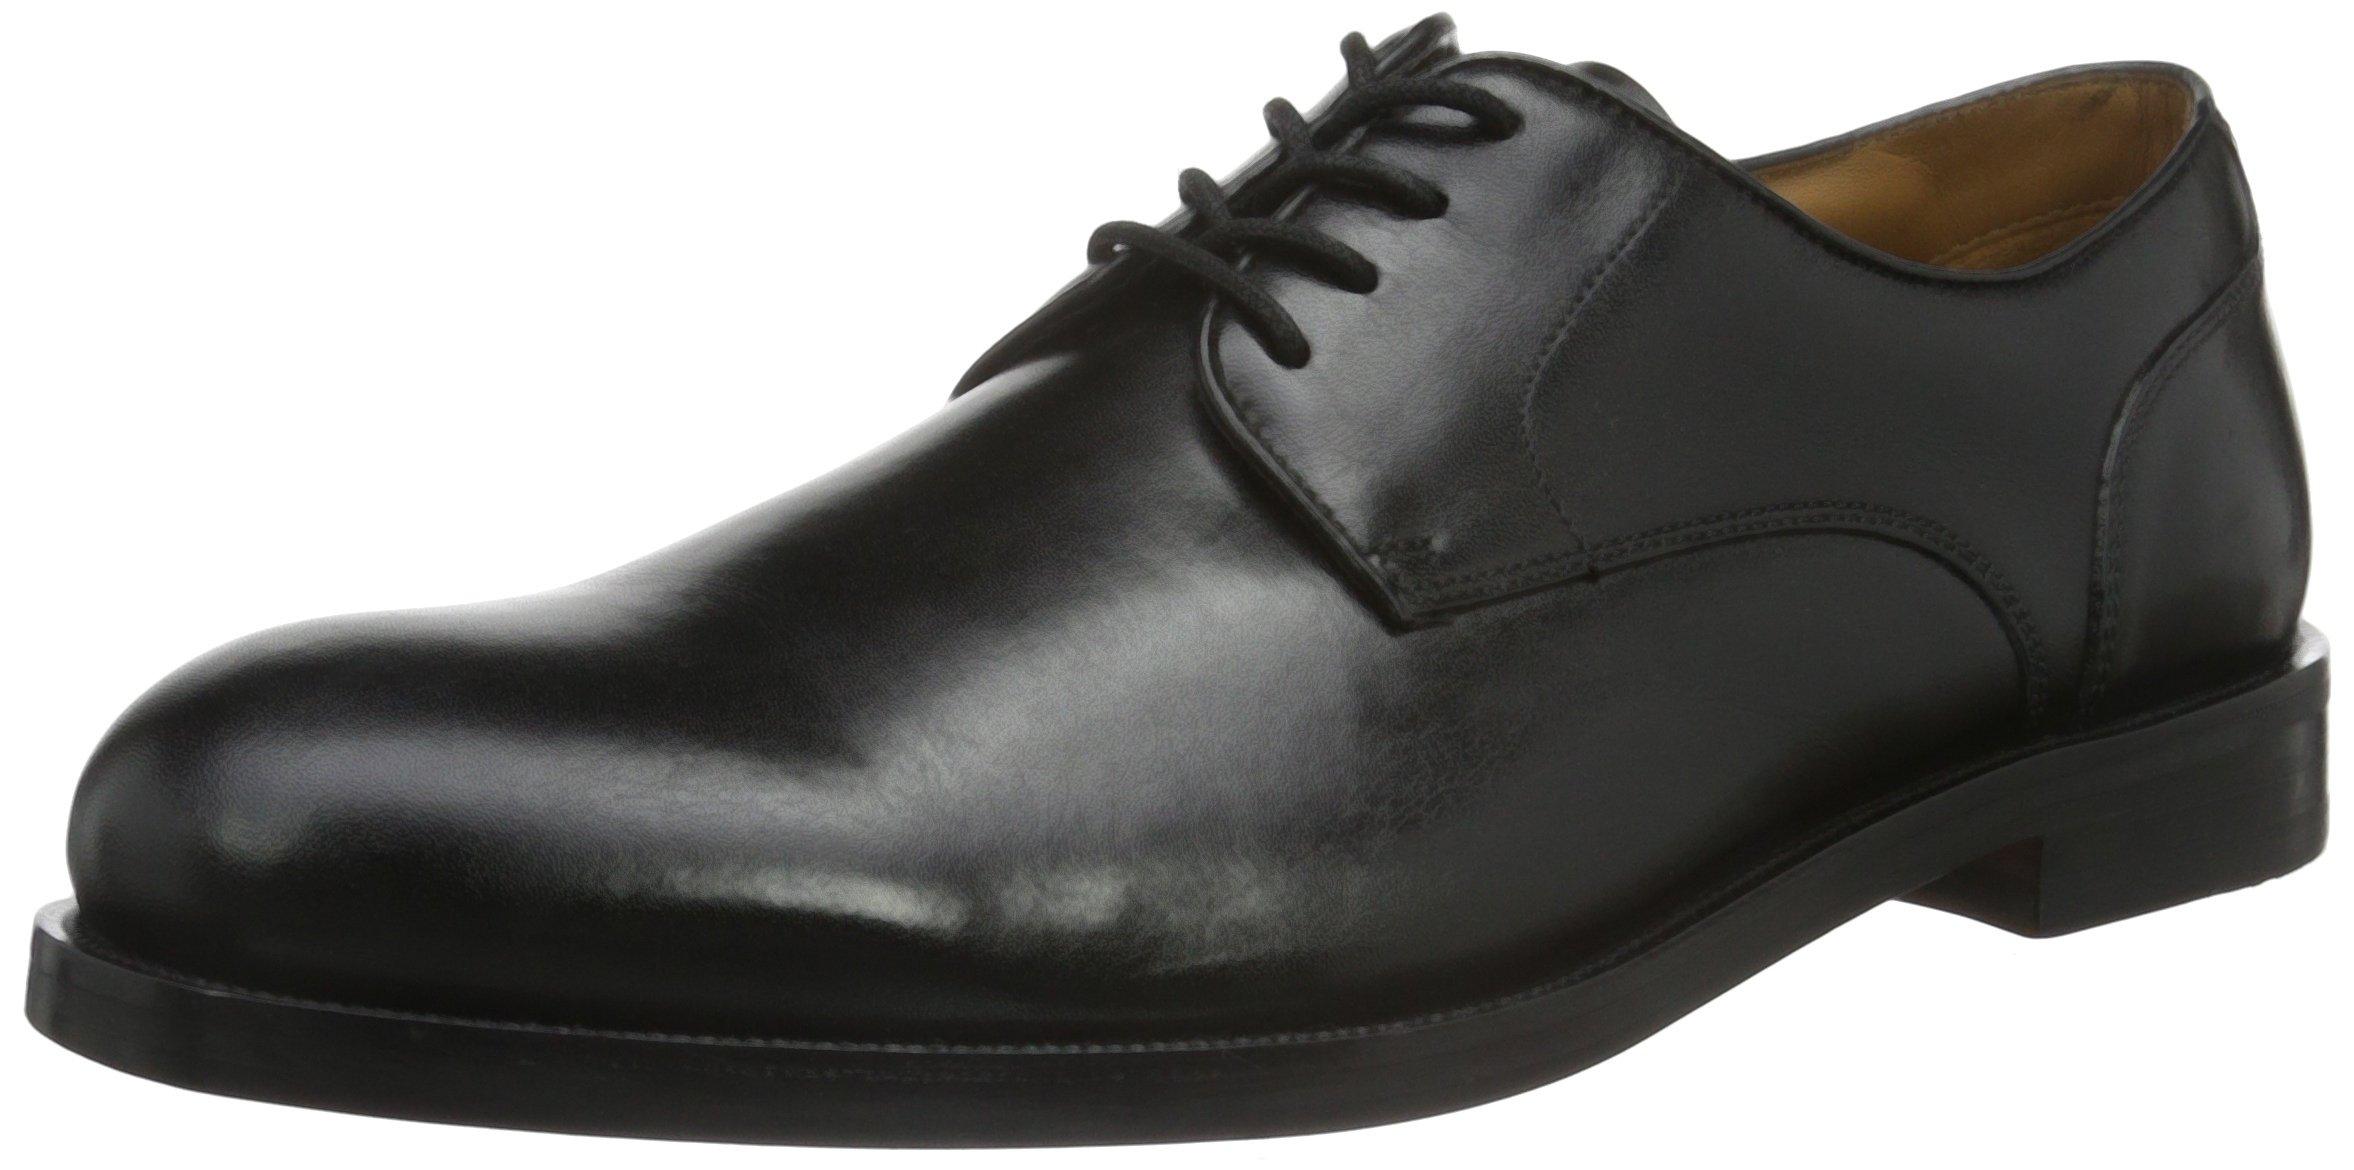 (TG. 41 EU) Clarks Originals Coling Walk, Scarpe Stringate Uomo, Nero (W6K) Scarpe classiche da uomo